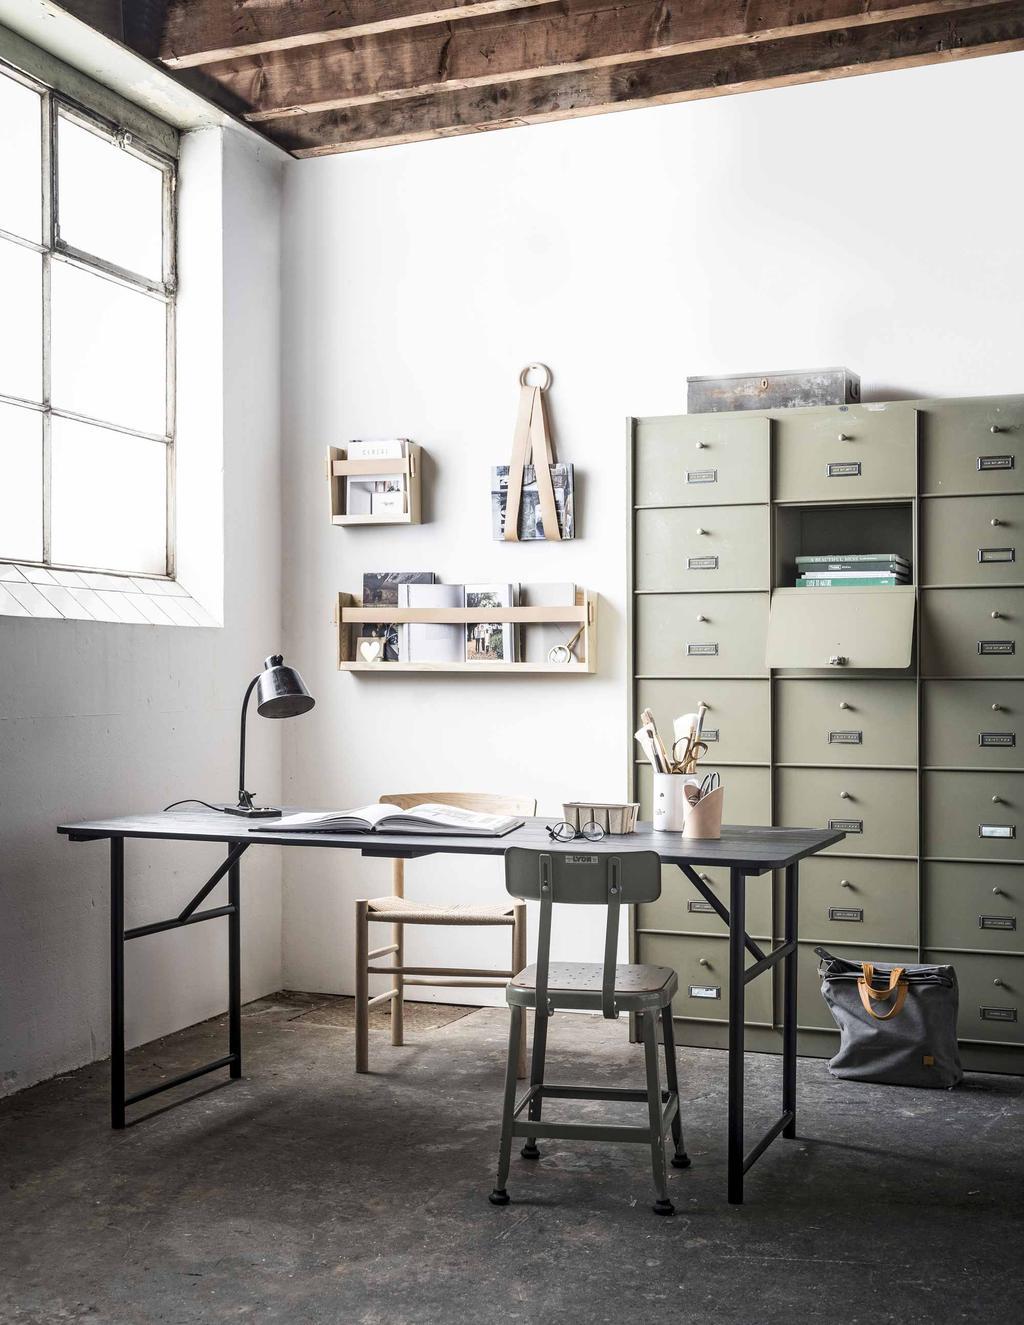 Een werkkamer met olijfgroene opbergkast om opruimen leuker te maken